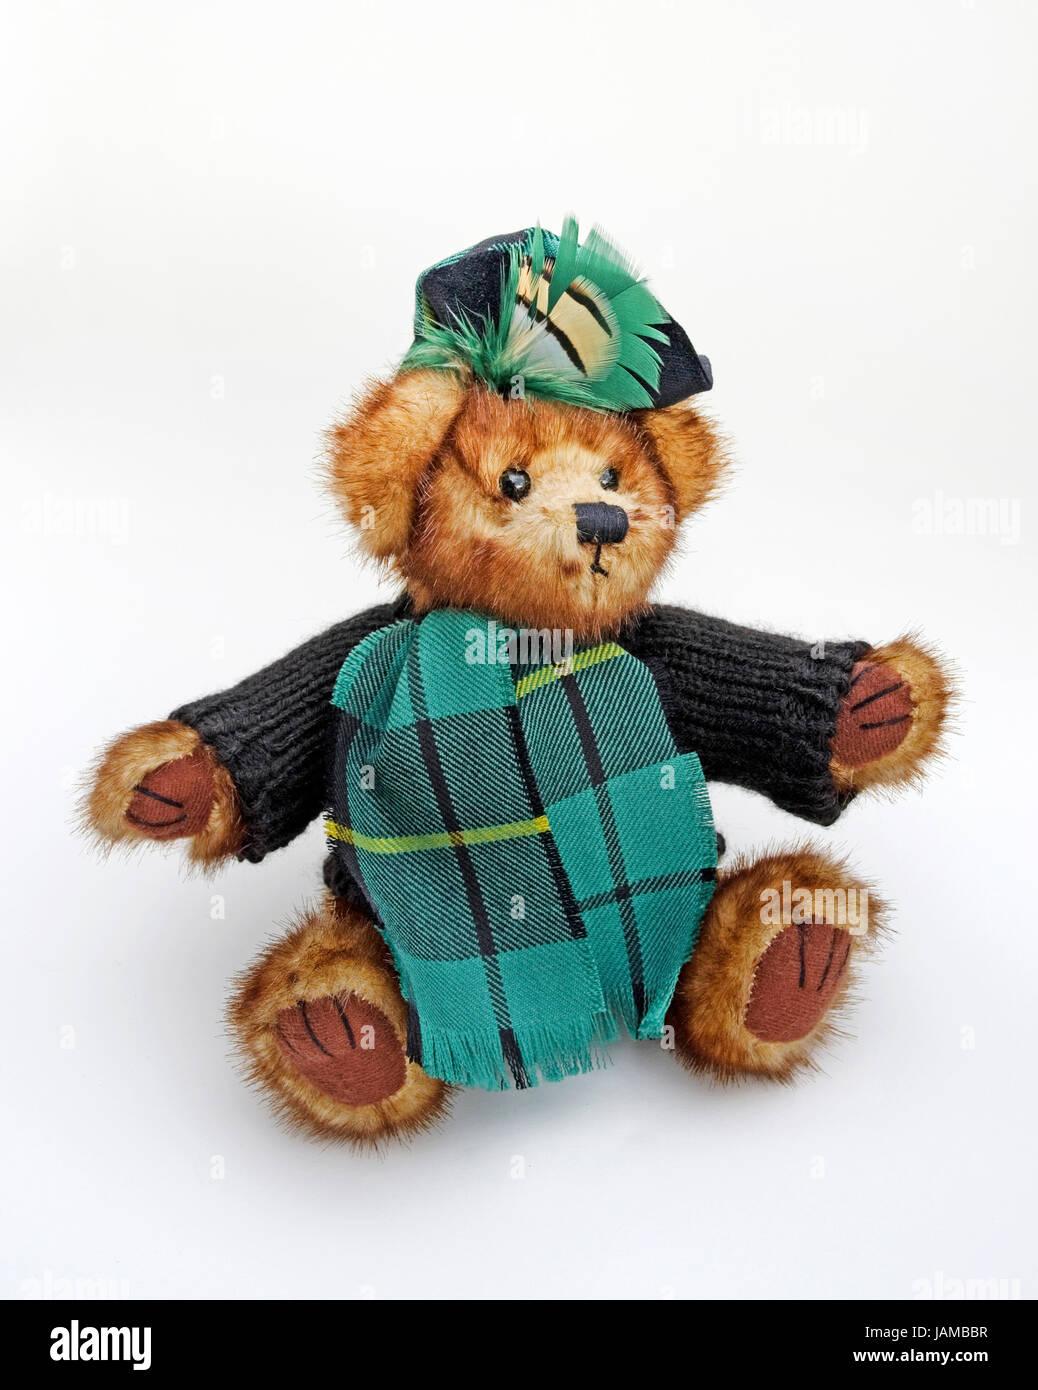 Cute adorable osito de peluche escoceses vistiendo woolly jumper, tartan bufandas, y boina con penacho de plumas Imagen De Stock